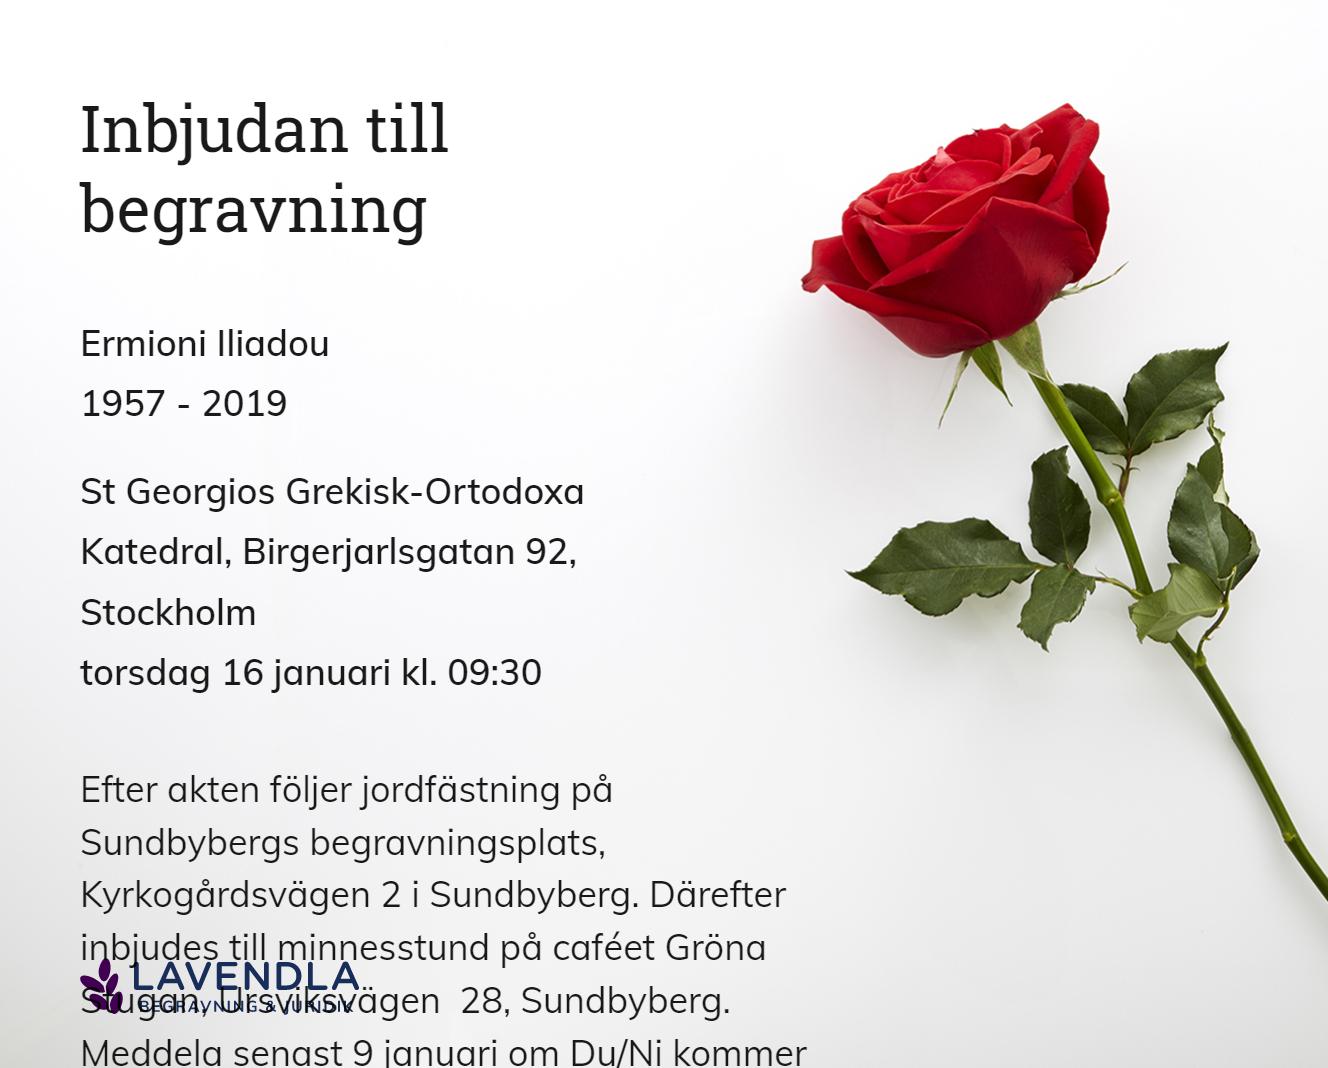 Inbjudningskort till ceremonin för Ermioni Iliadou